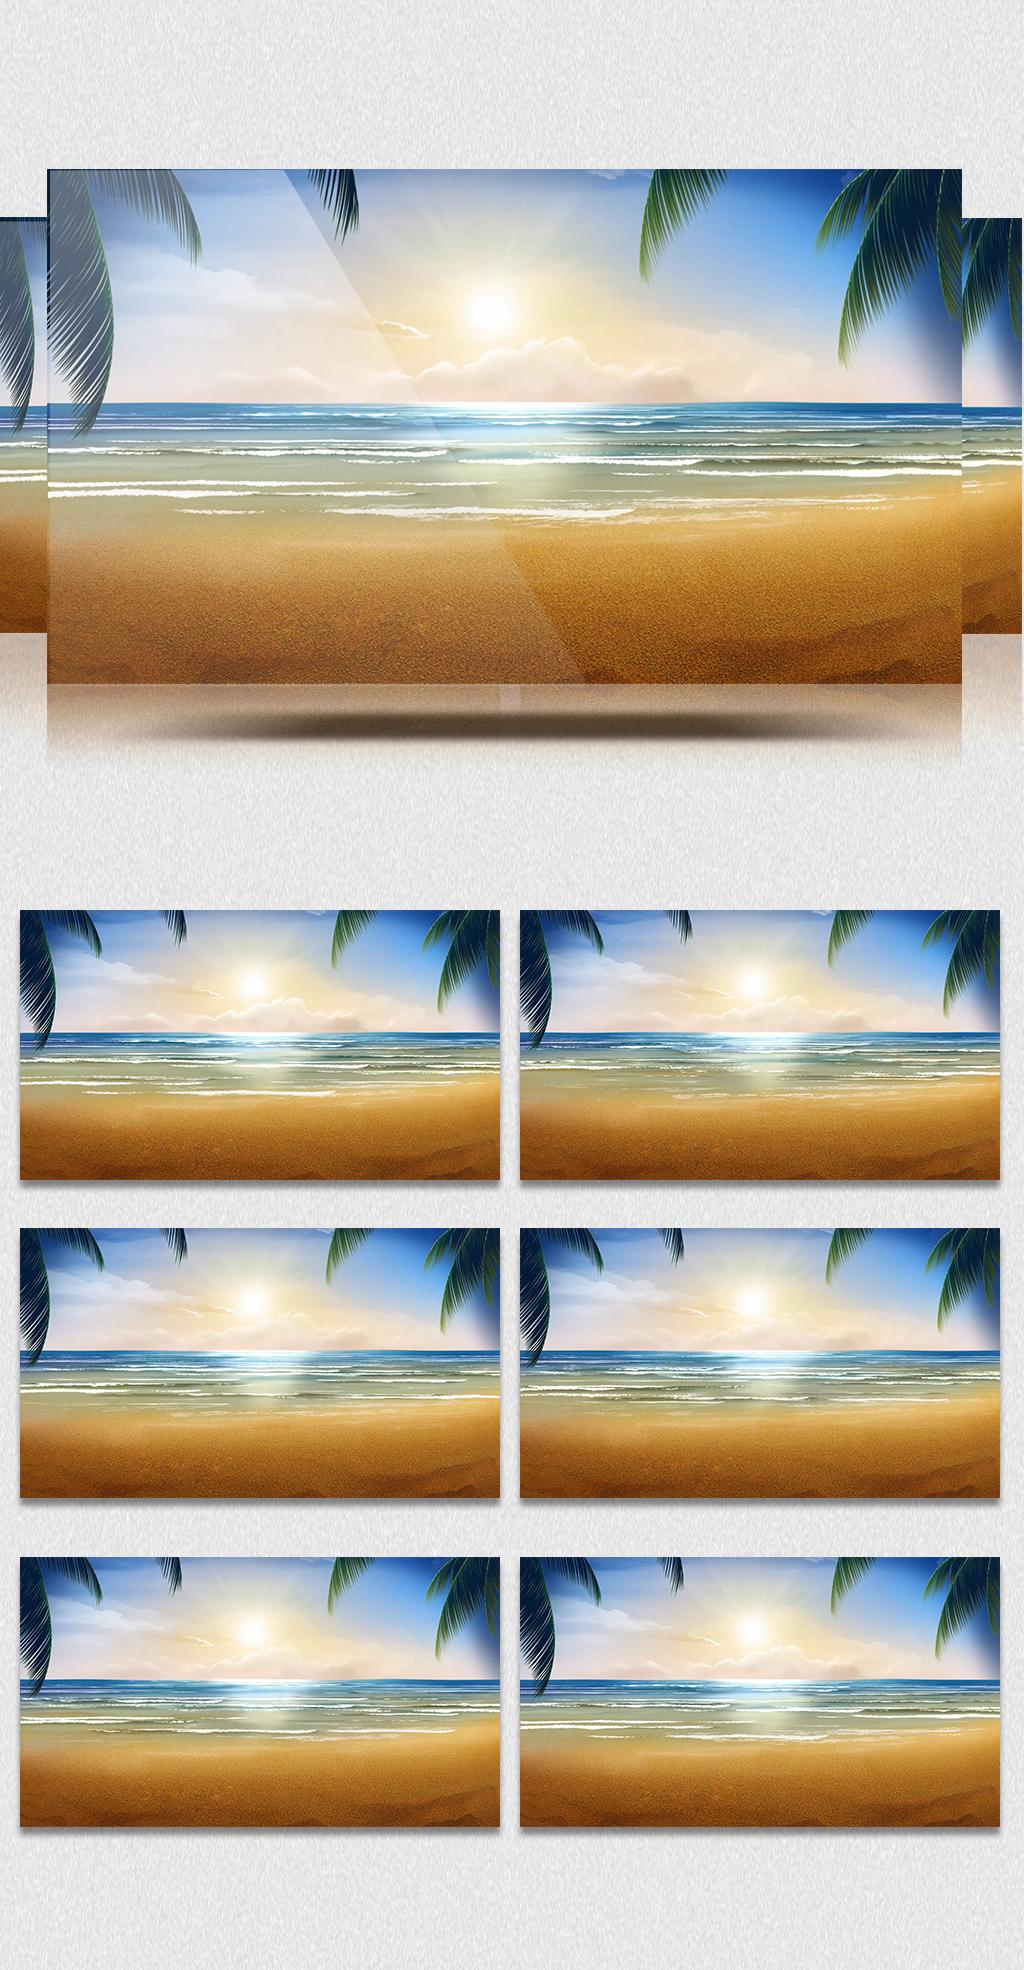 原创设计led大屏动态海浪沙滩背景视频素材无接缝可循环